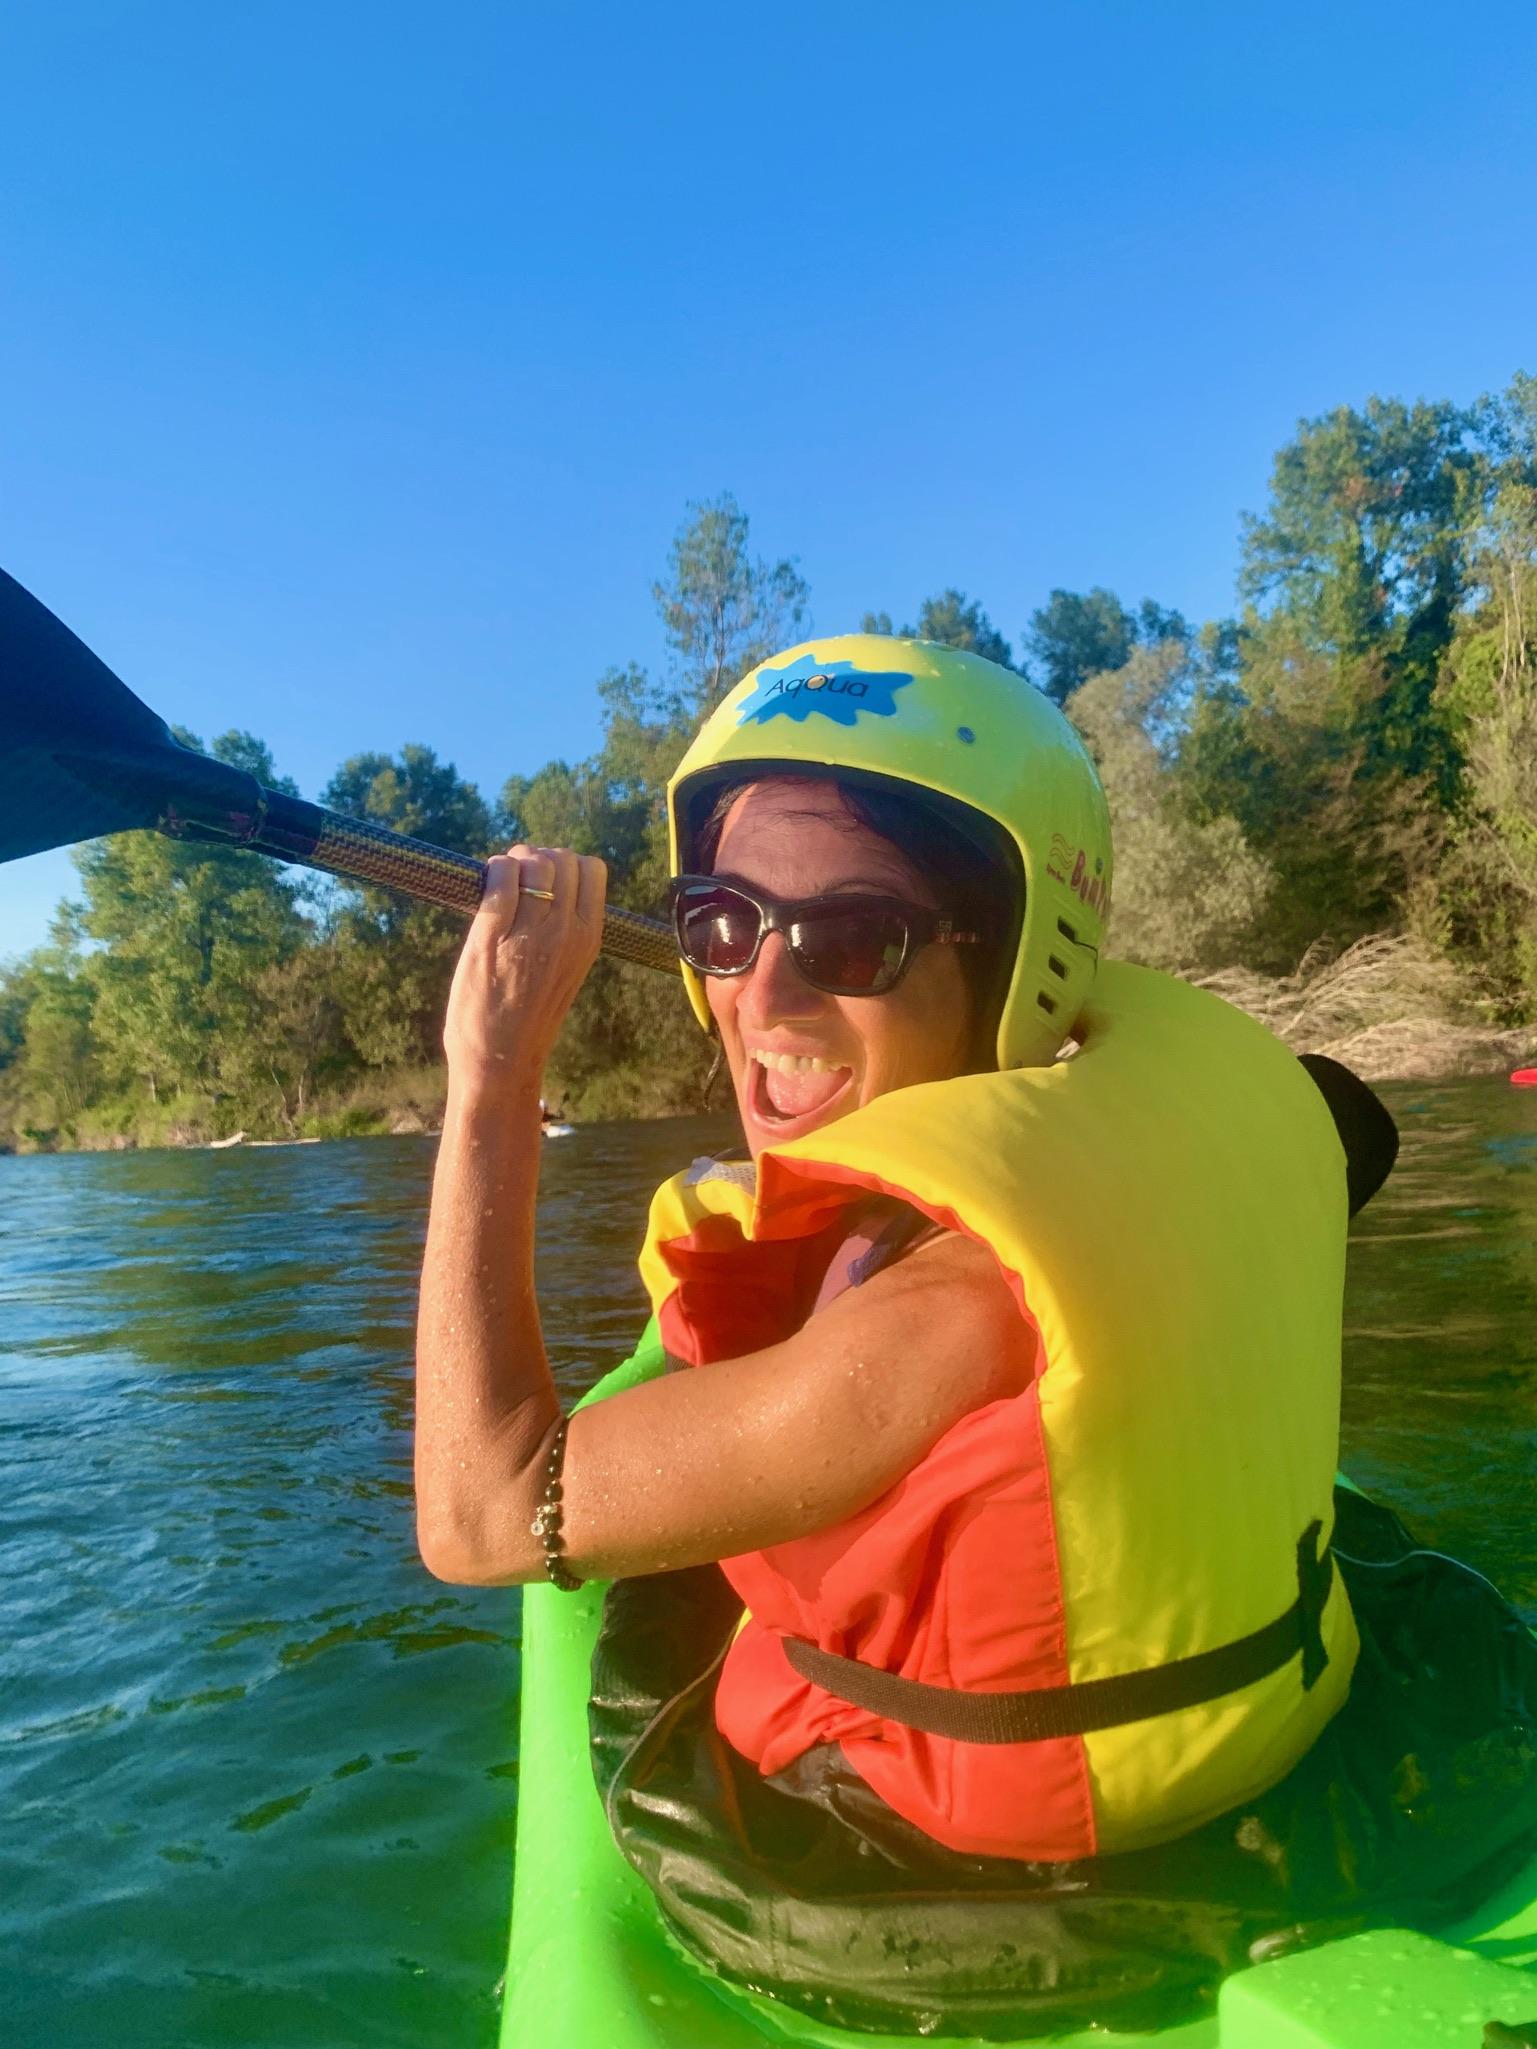 Canoa&Picnic per un'intera giornata tra sport e natura!